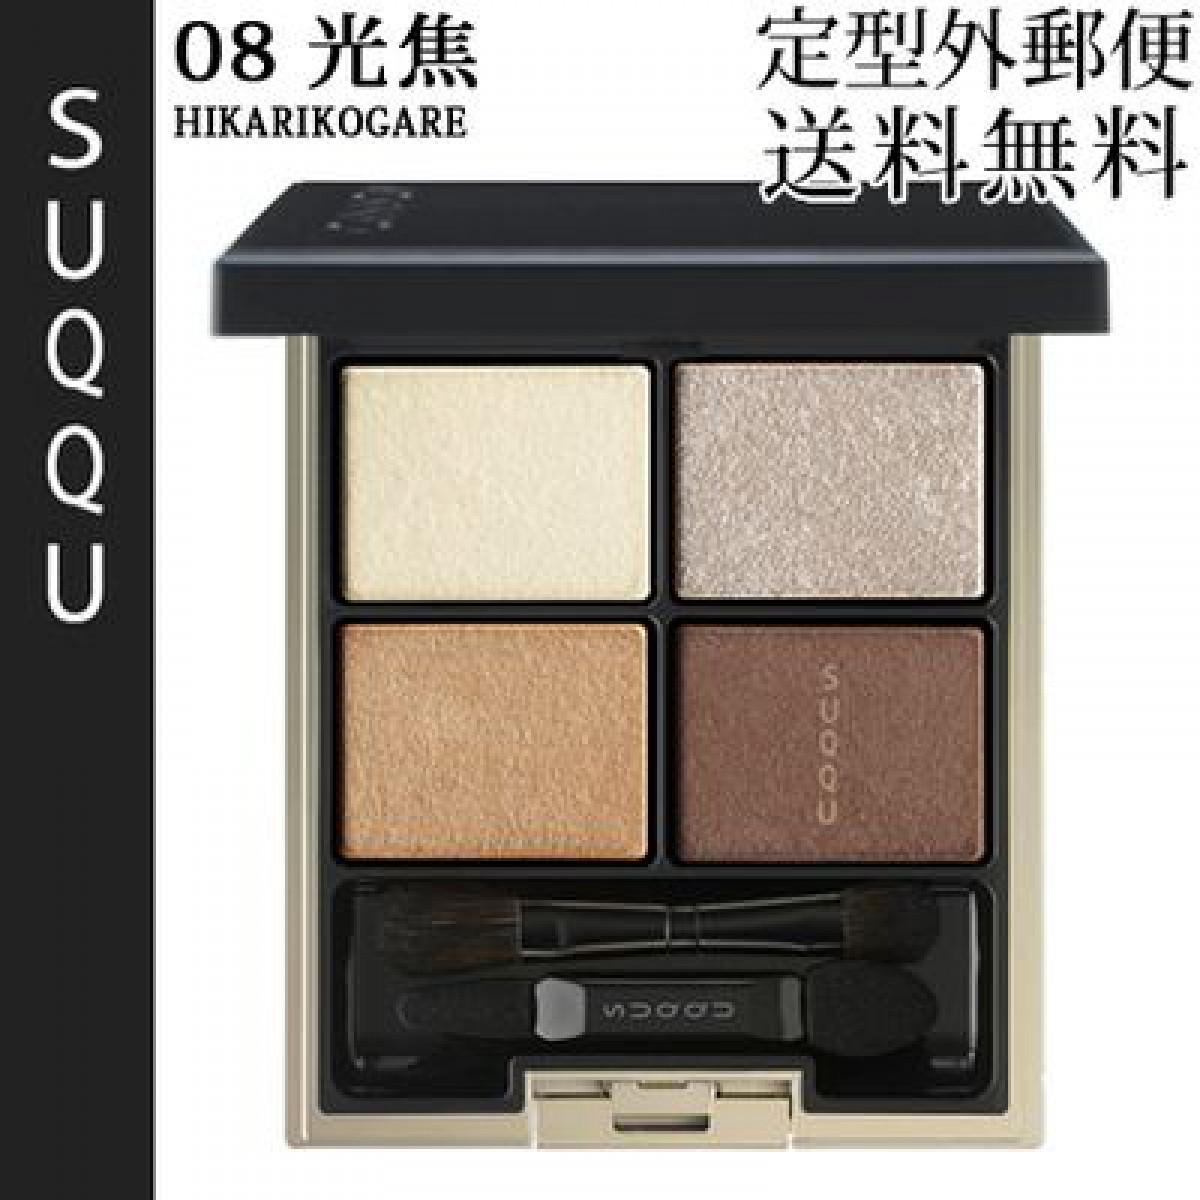 1月19日発売 SUQQU(スック)  2018春, 新・限定アイシャドウ, デザイニング カラー アイズ 3種, 楽天最安値/送料無料